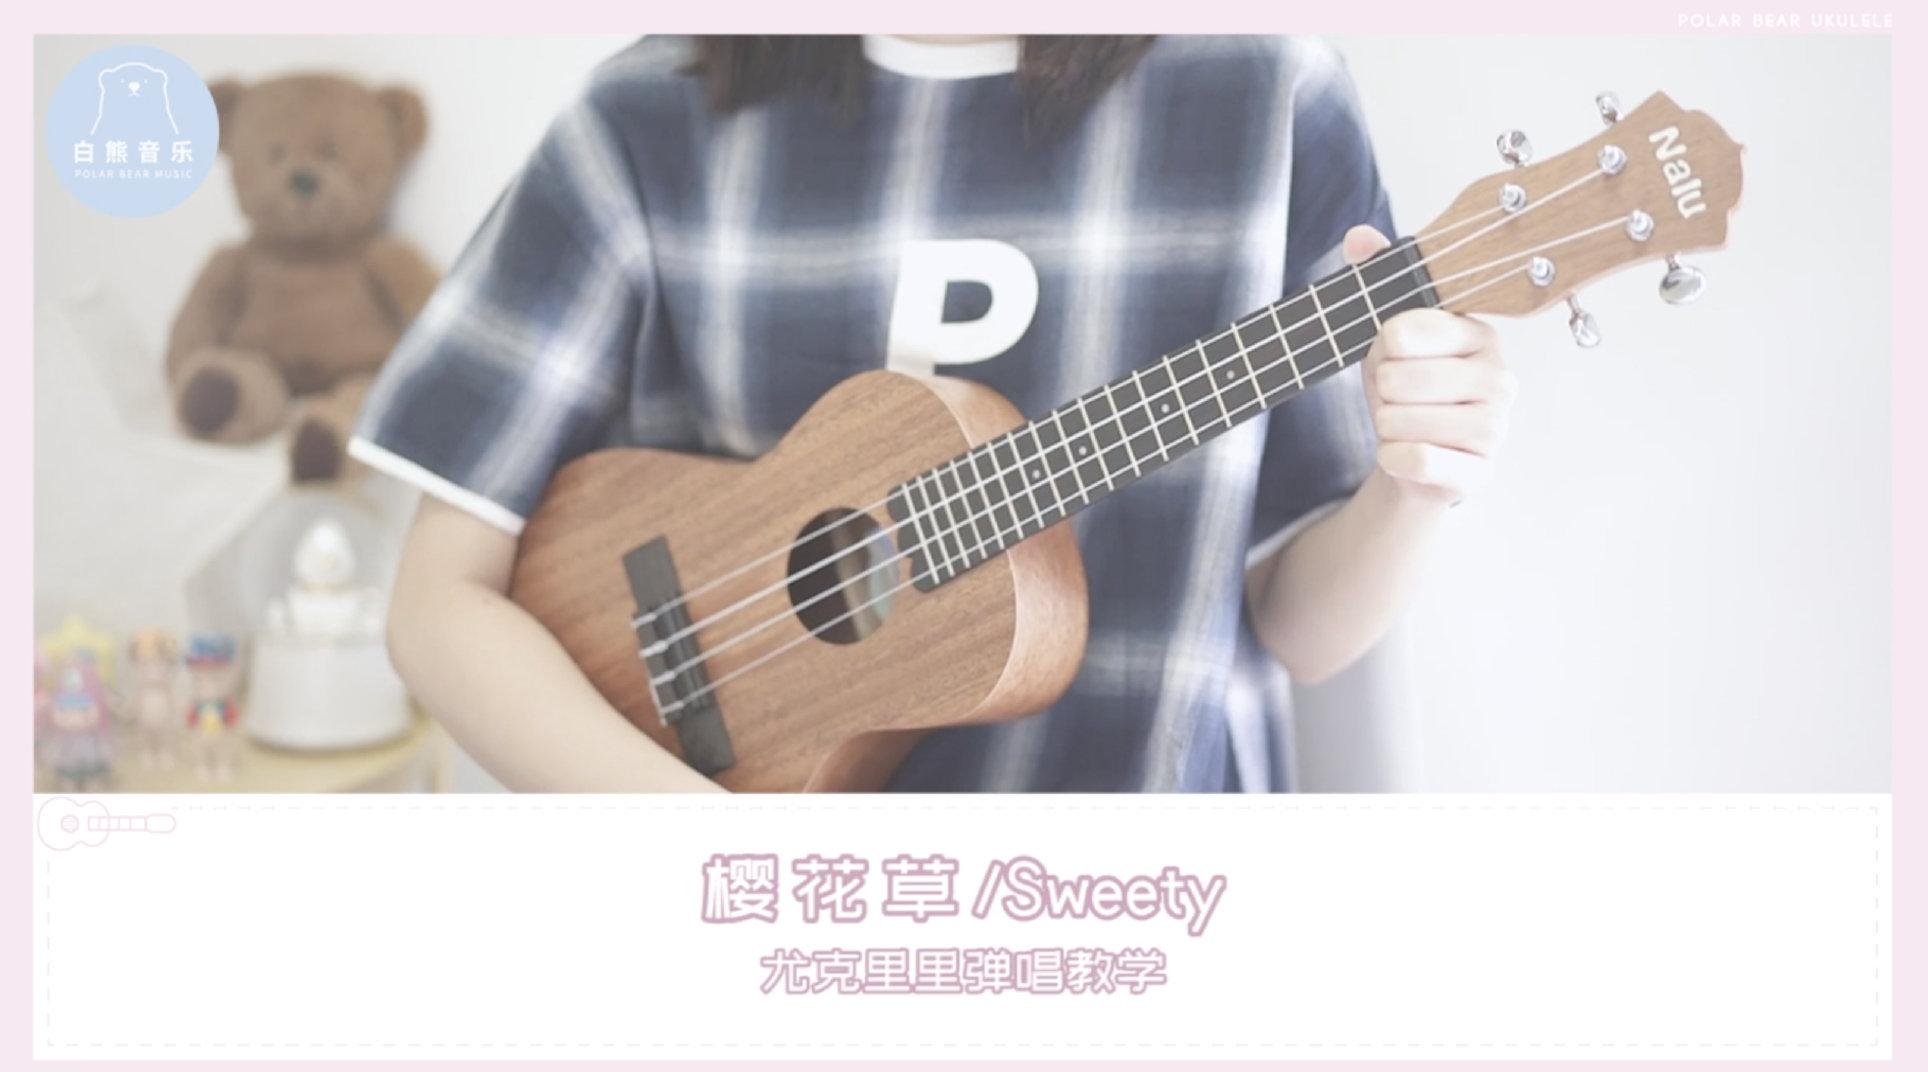 """甜蜜少女心〈樱花草〉Sweety /尤克里里弹唱教学""""恋人手中樱花草"""